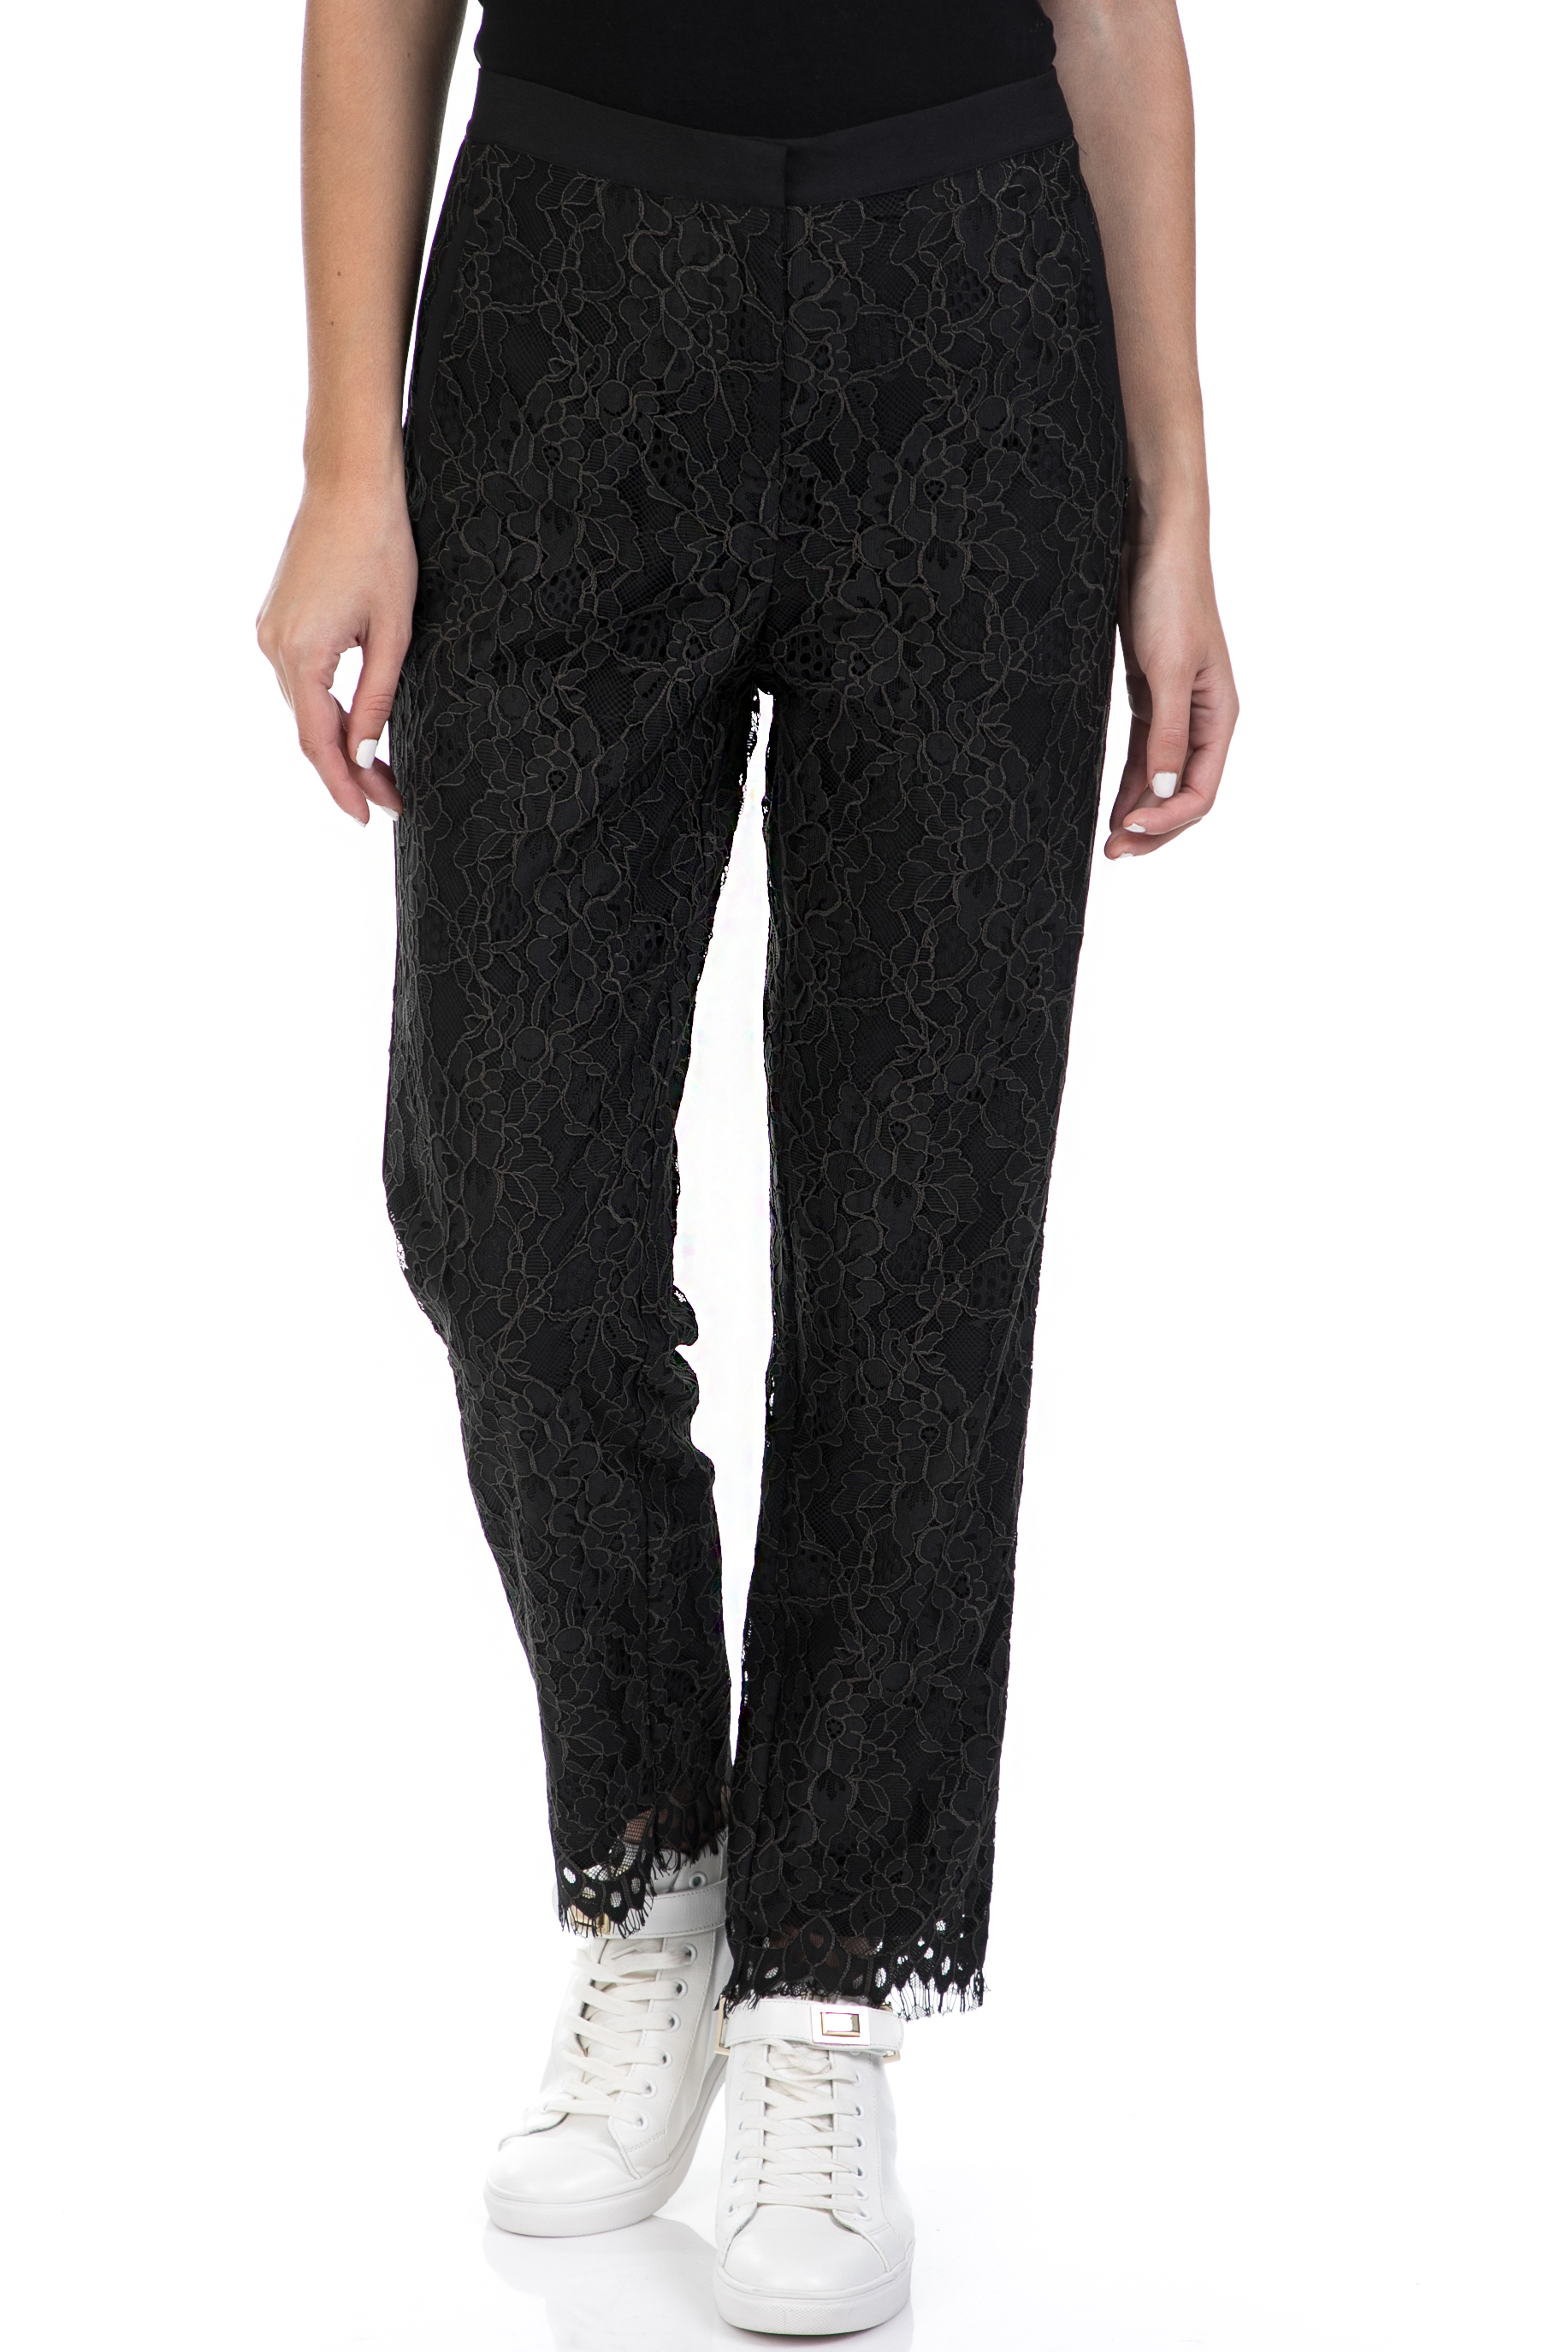 SCOTCH & SODA - Γυναικείο παντελόνι SCOTCH & SODA μαύρο γυναικεία ρούχα παντελόνια ισια γραμμή